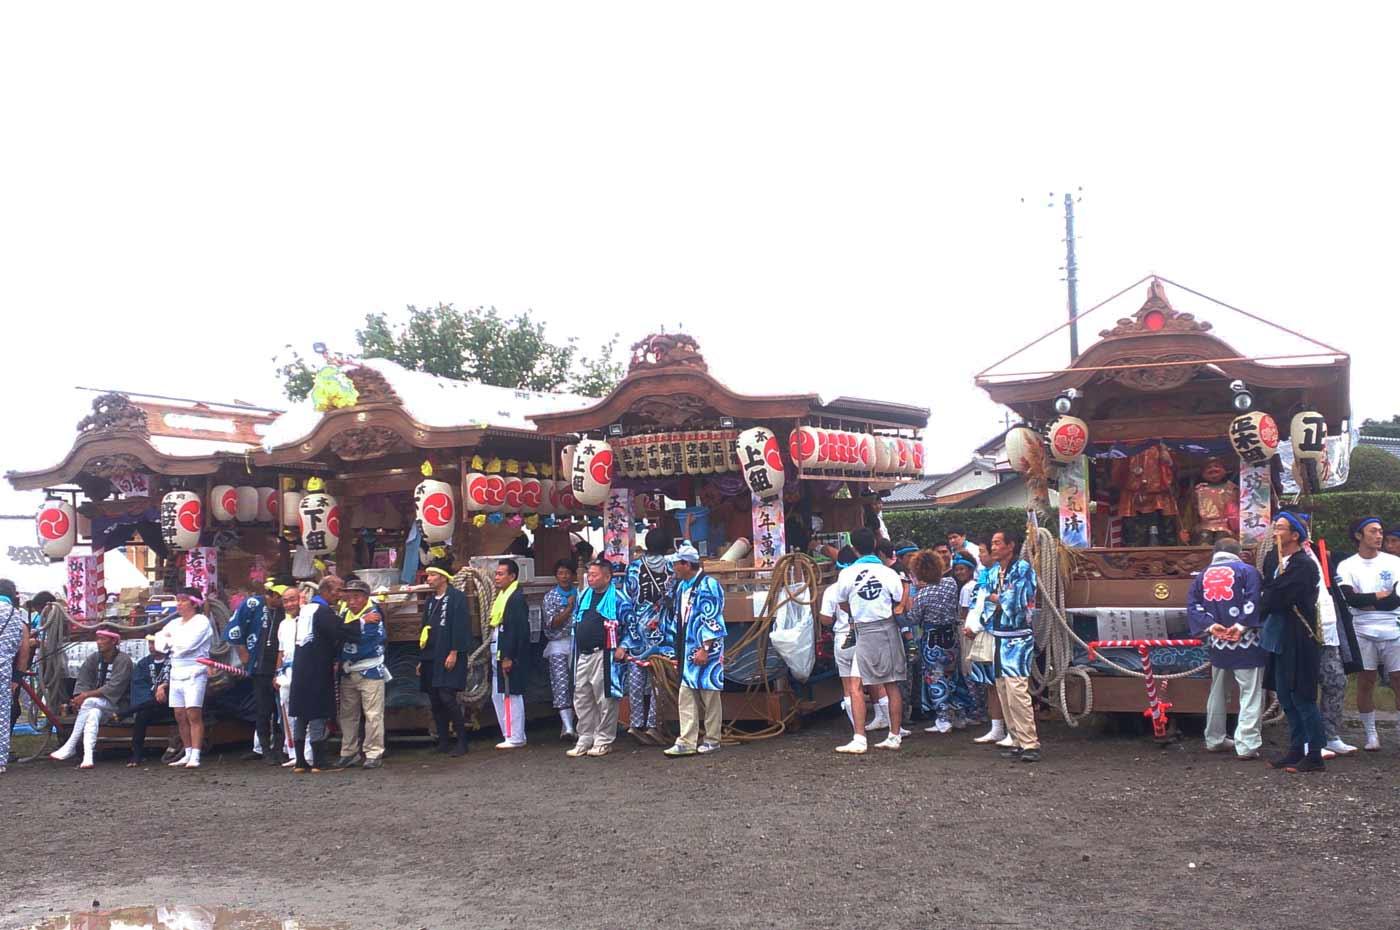 広場に集結した正木の屋台